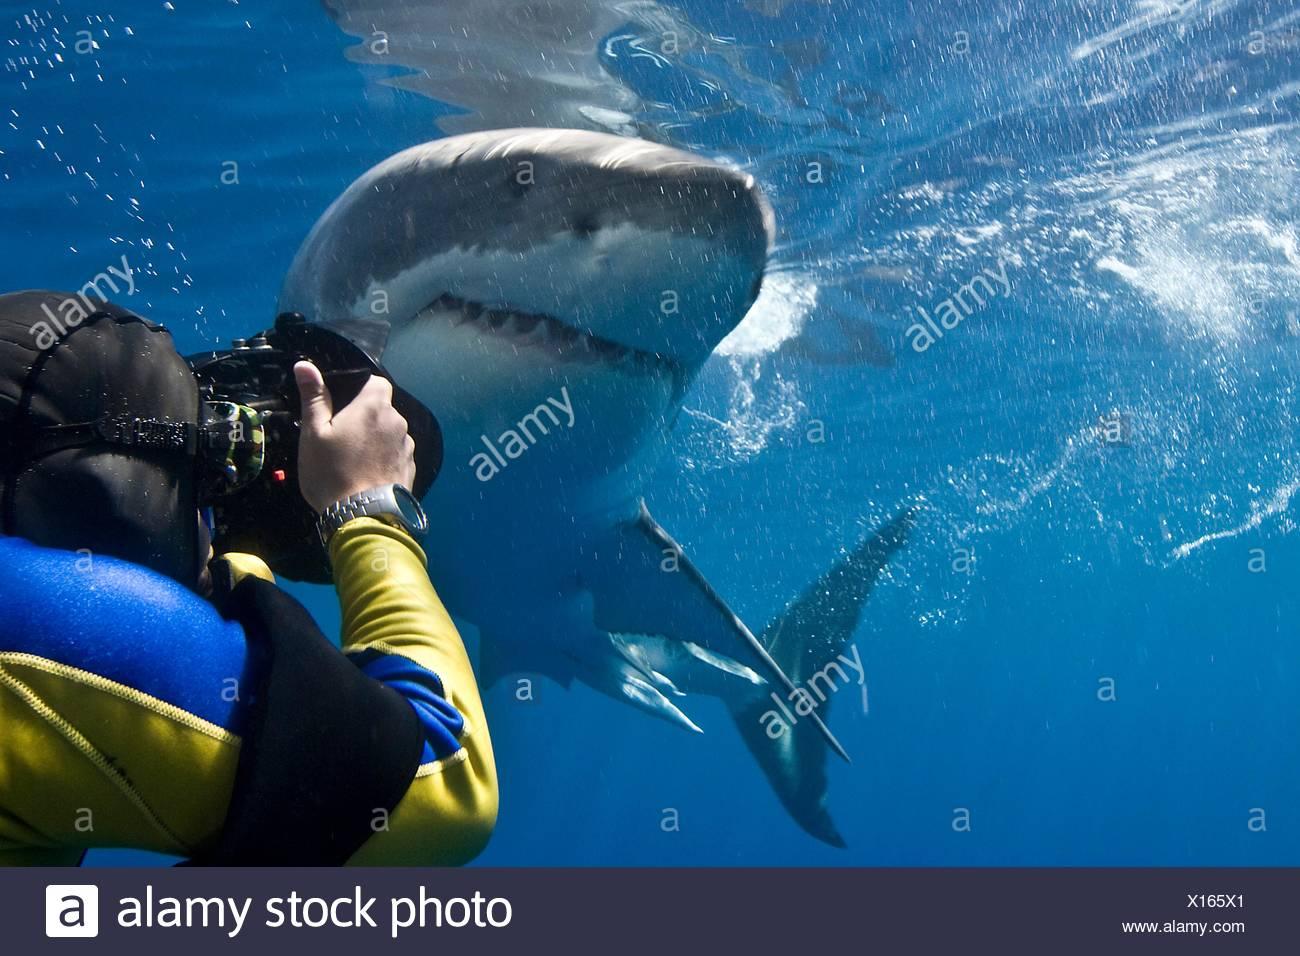 Il grande squalo bianco (Carcharodon carcharias) rendendo uno stretto passaggio mentre il fotografo si appoggia a prendere una foto isola di Guadalupe Immagini Stock